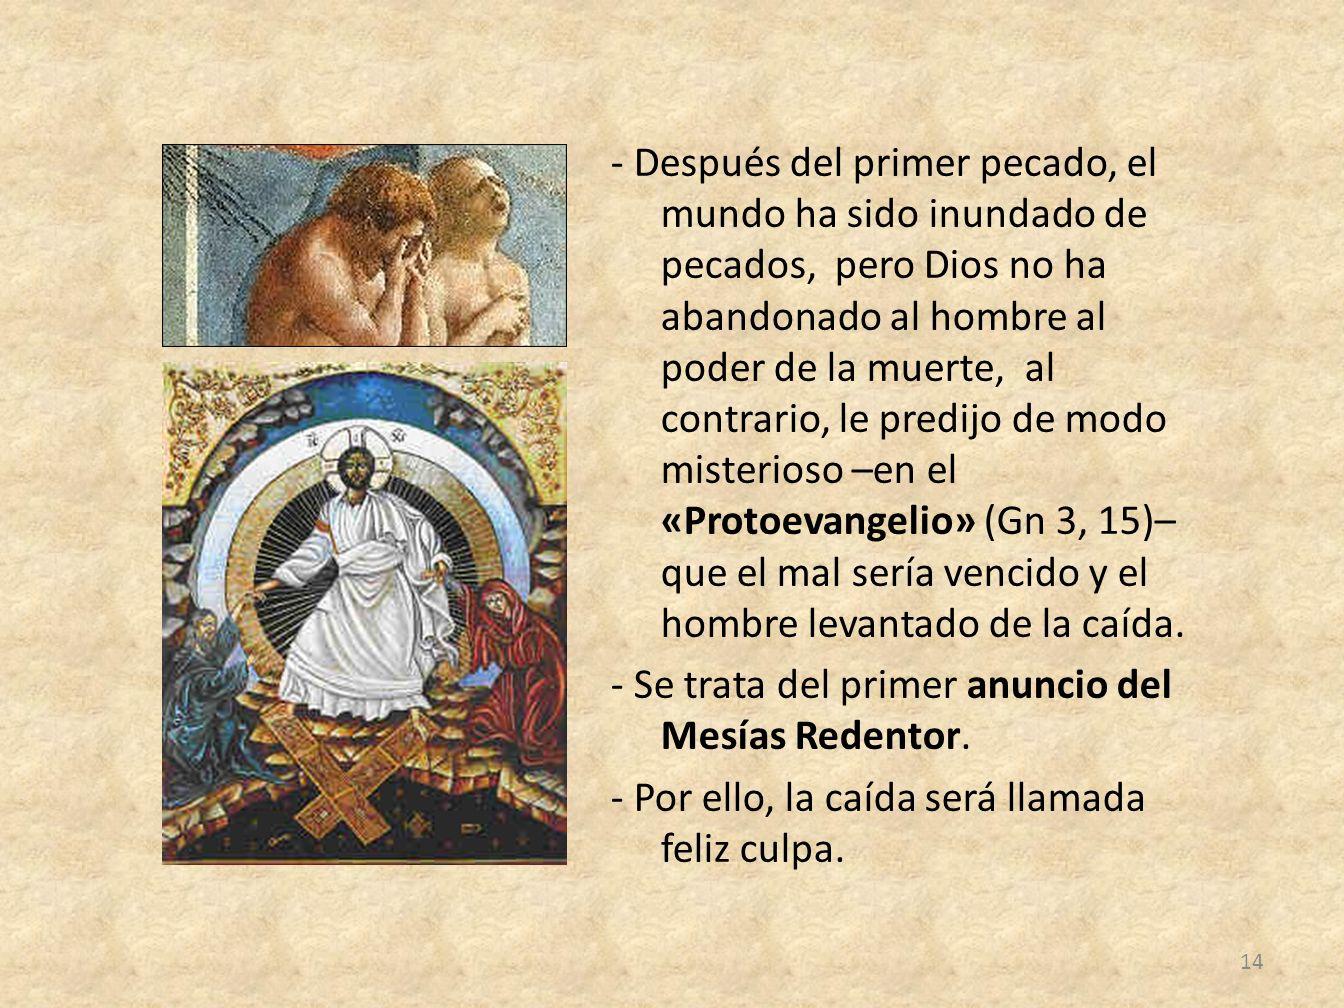 - Después del primer pecado, el mundo ha sido inundado de pecados, pero Dios no ha abandonado al hombre al poder de la muerte, al contrario, le predij